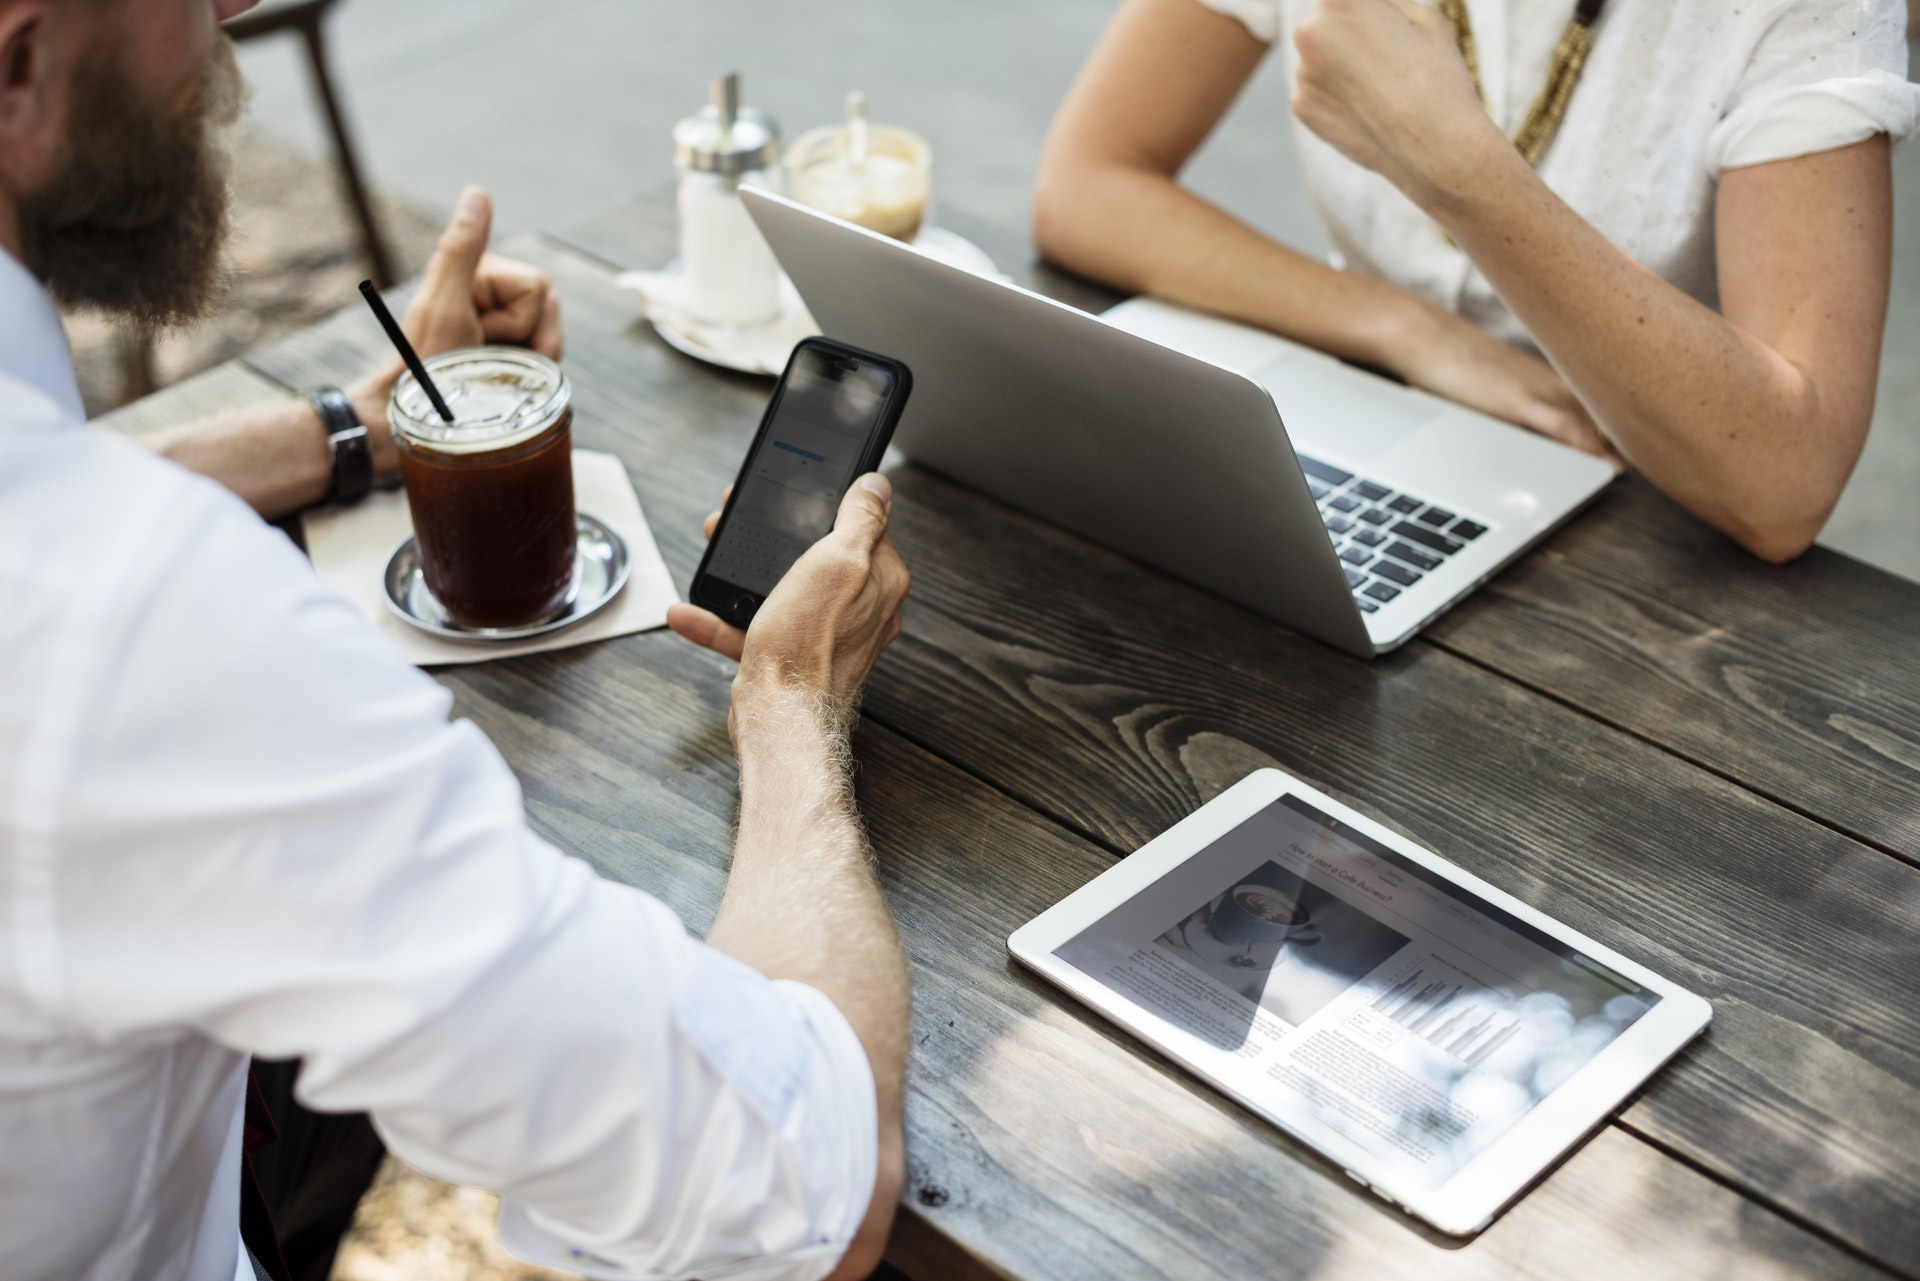 trouver un prêteur privé sérieux et honnête